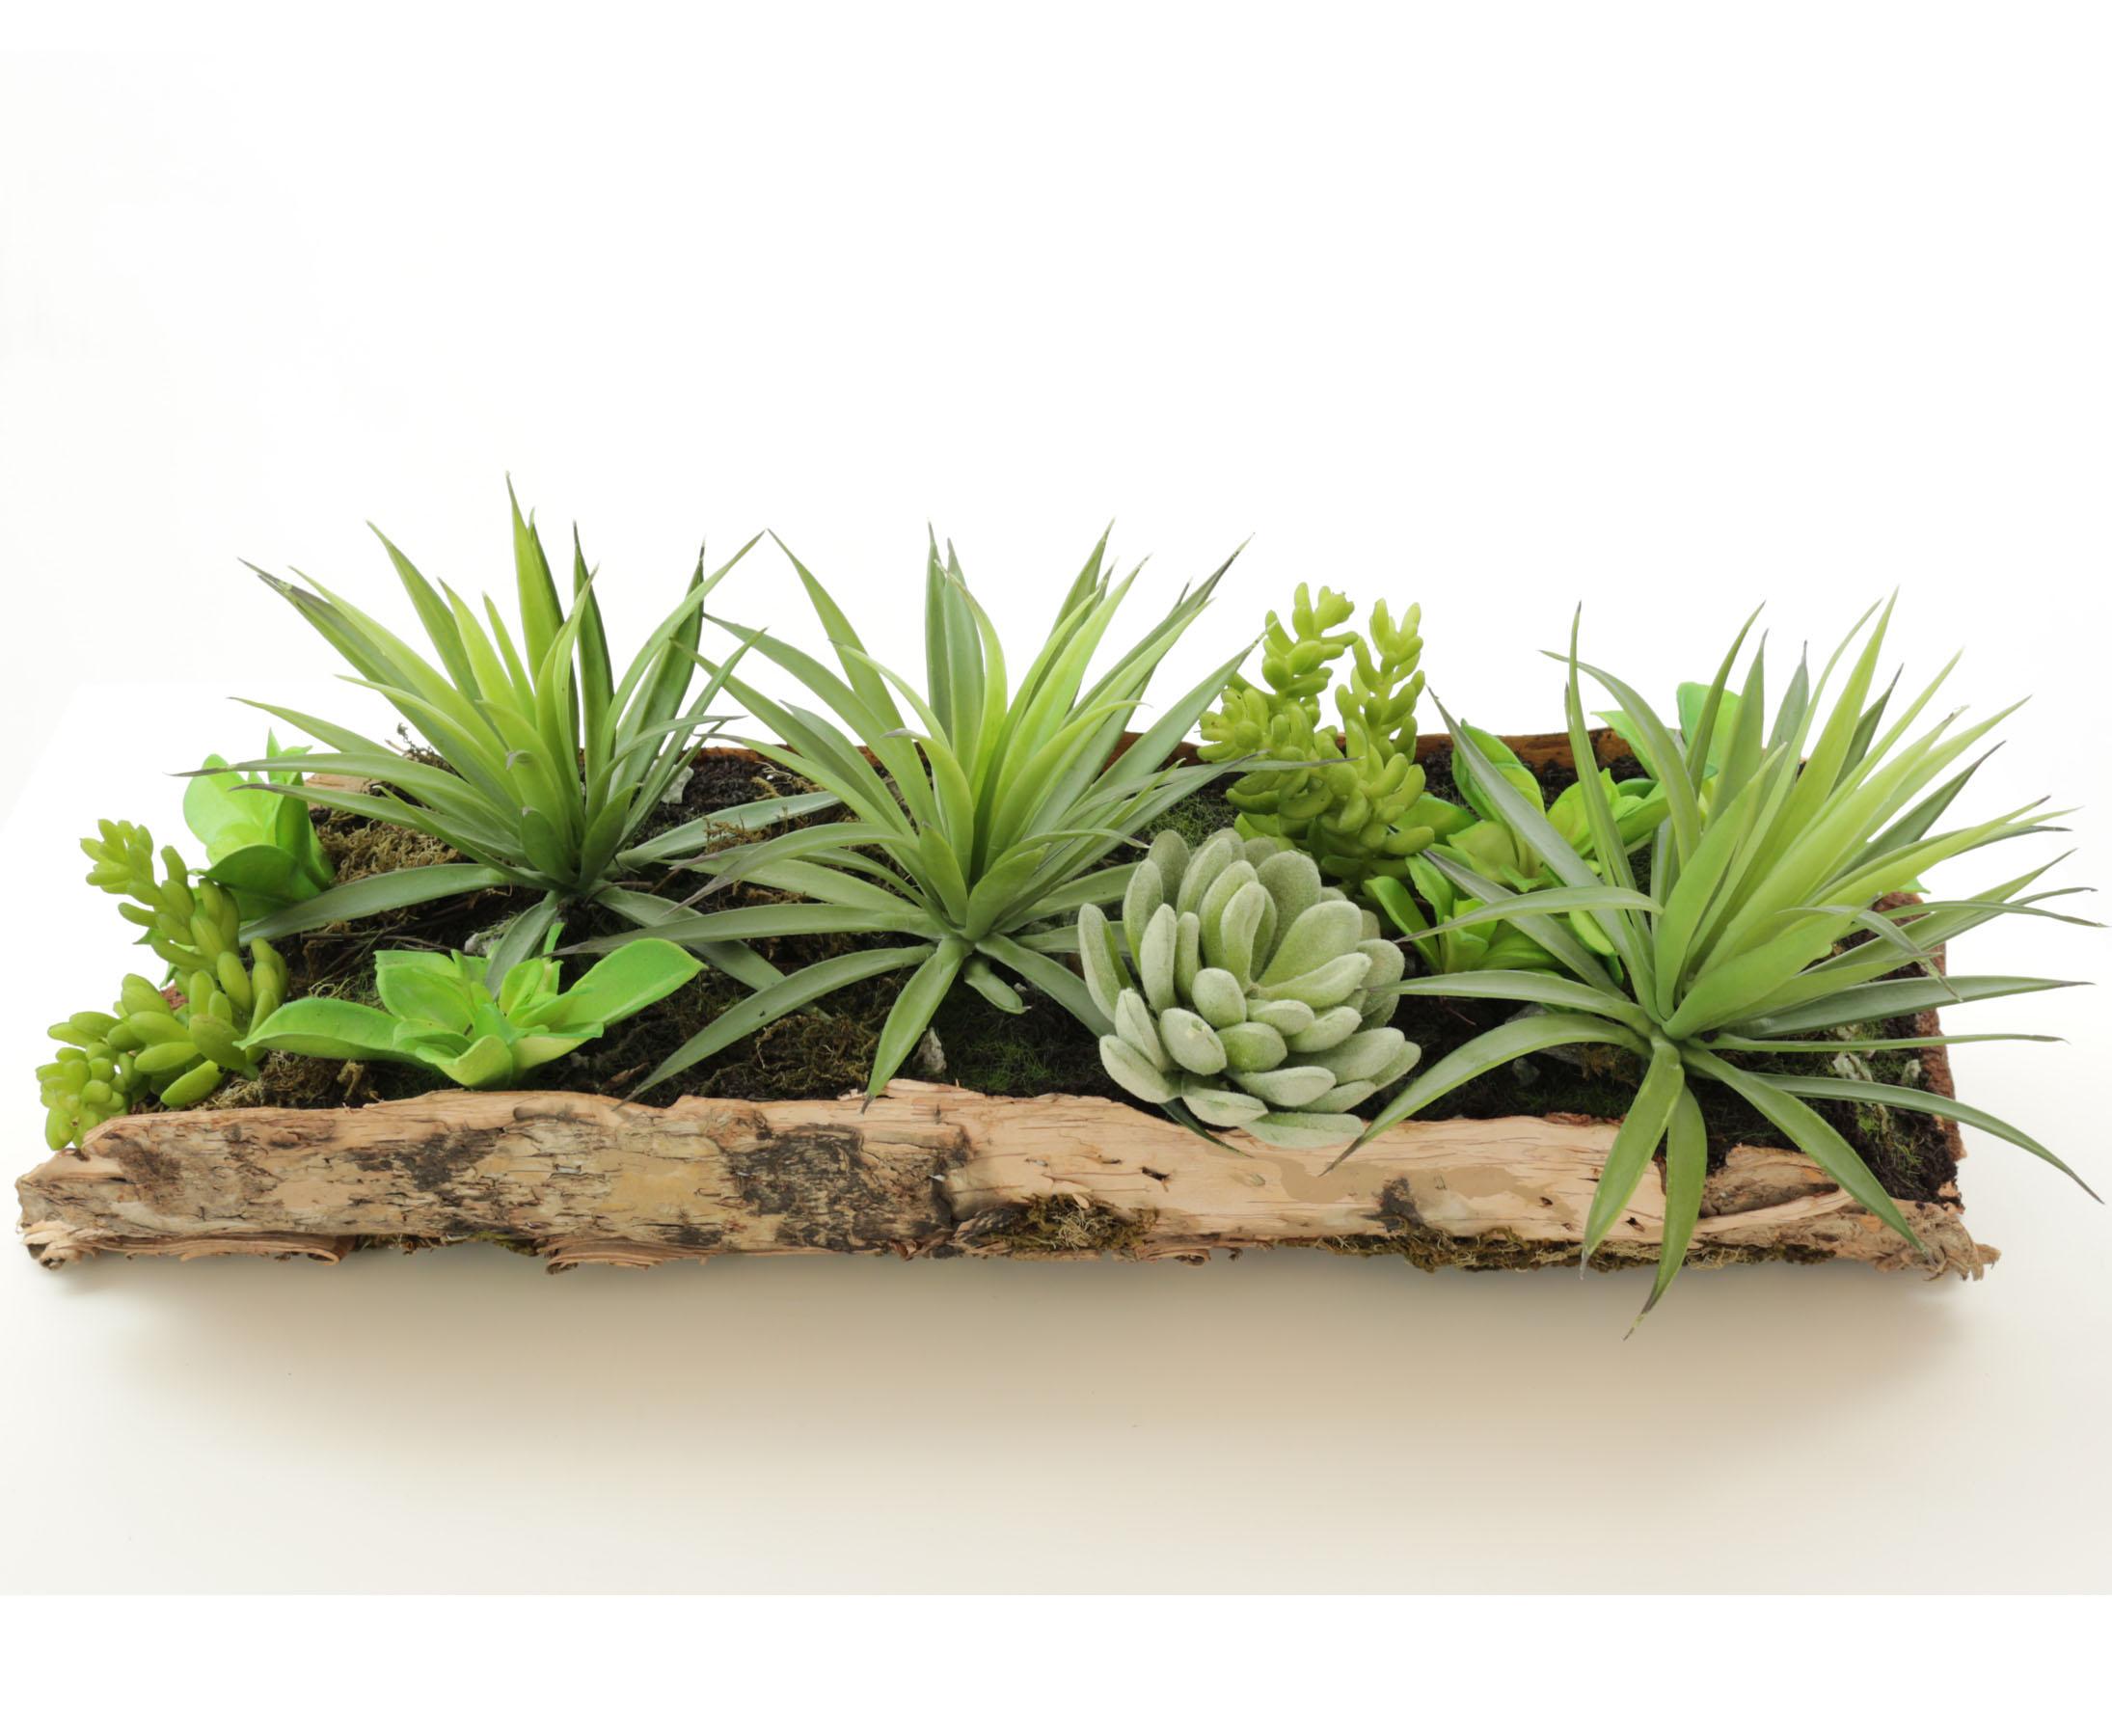 Kunstpflanzen Discount sukkulenten im glas kunstpflanzen sukkulenten im glas dekorieren